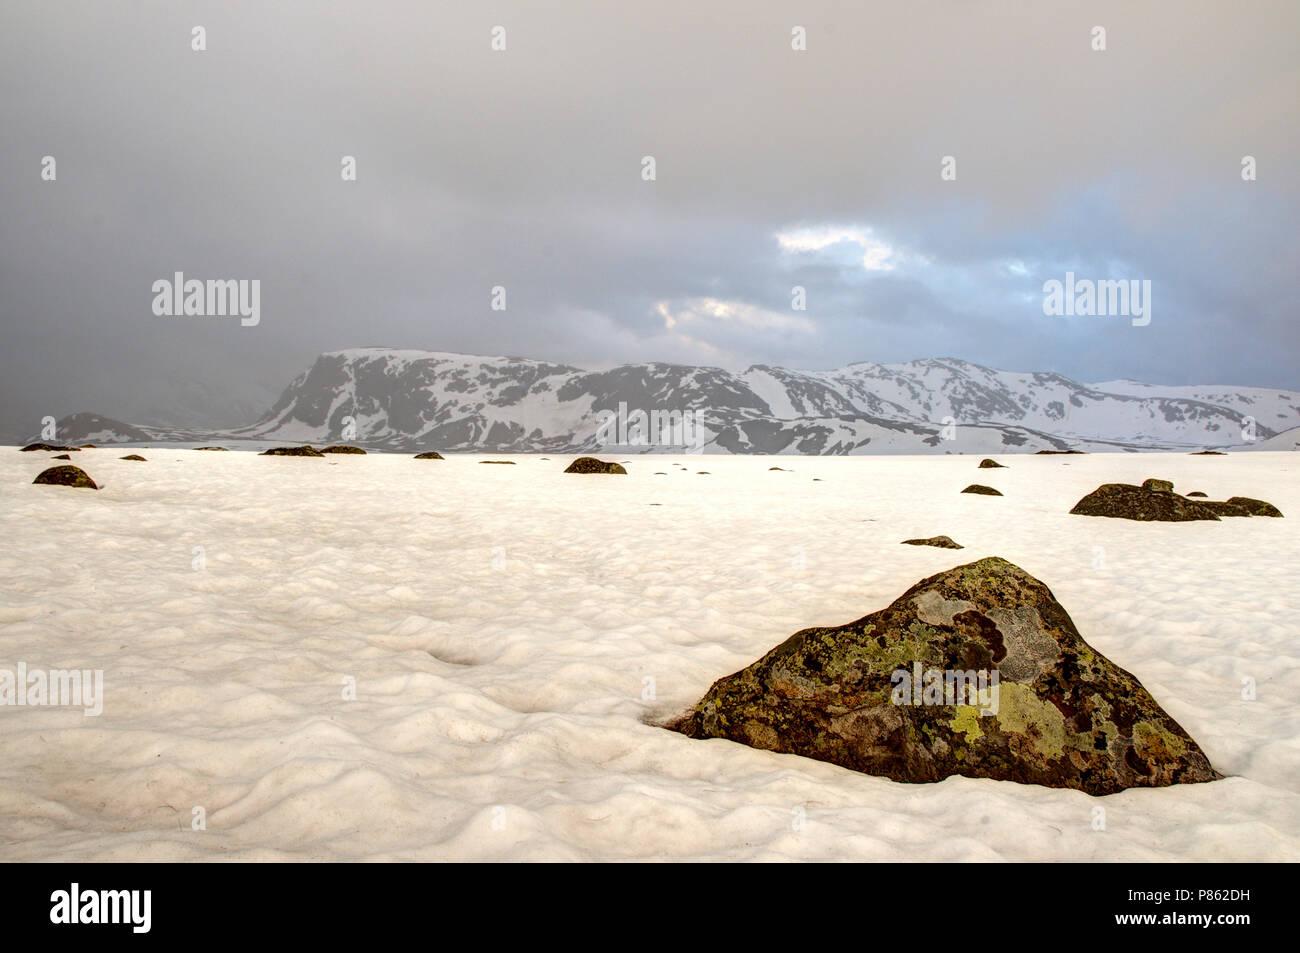 Jotunheimen Noorwegen 2012 - Stock Image